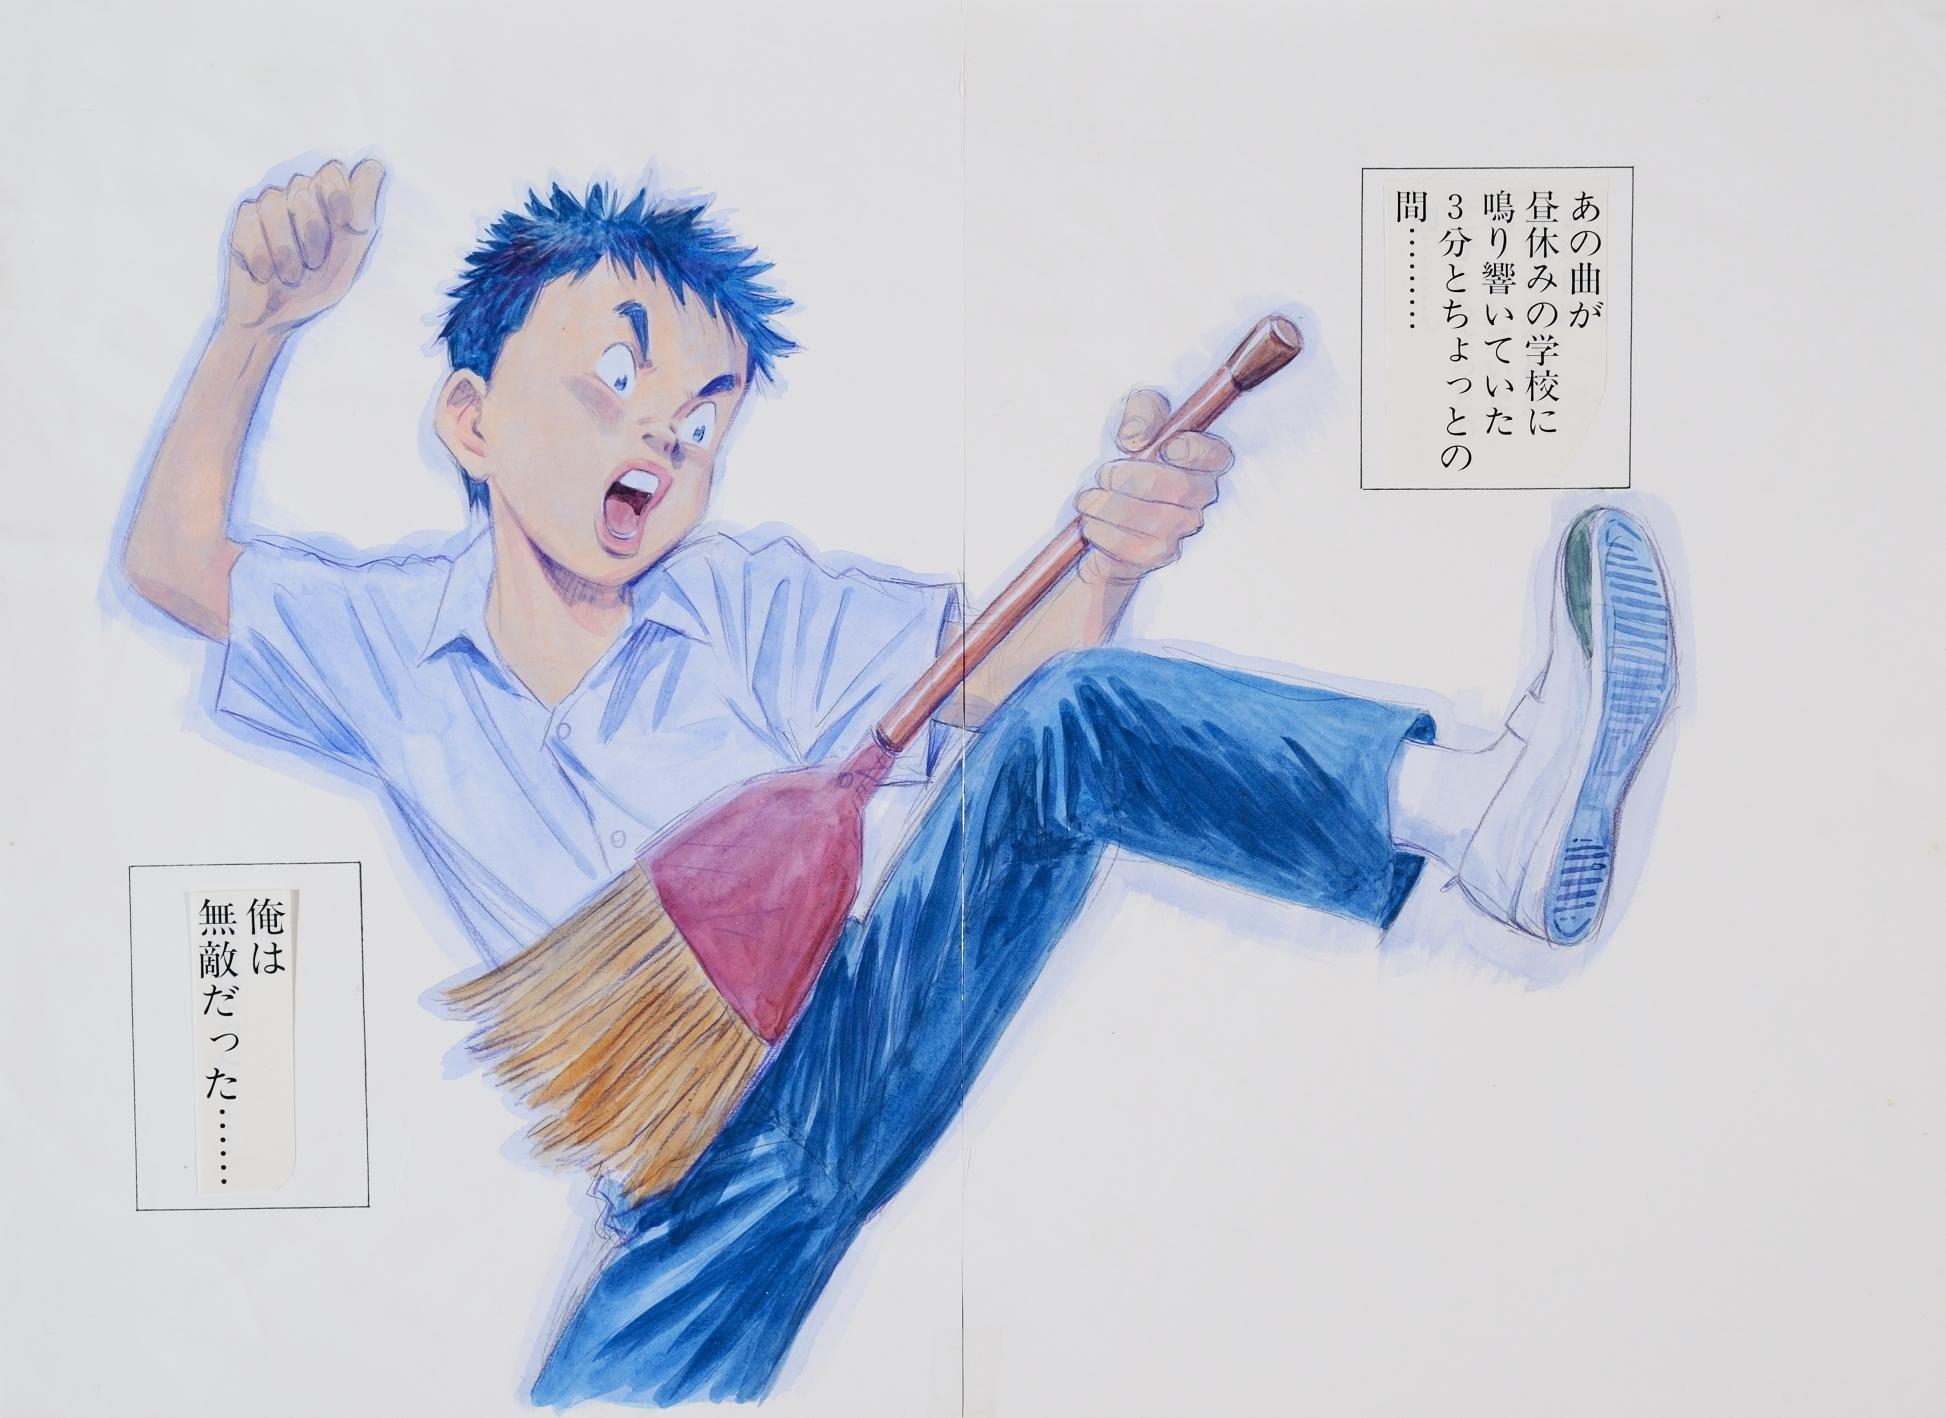 『20世紀少年』 (C)浦沢直樹・スタジオナッツ 小学館